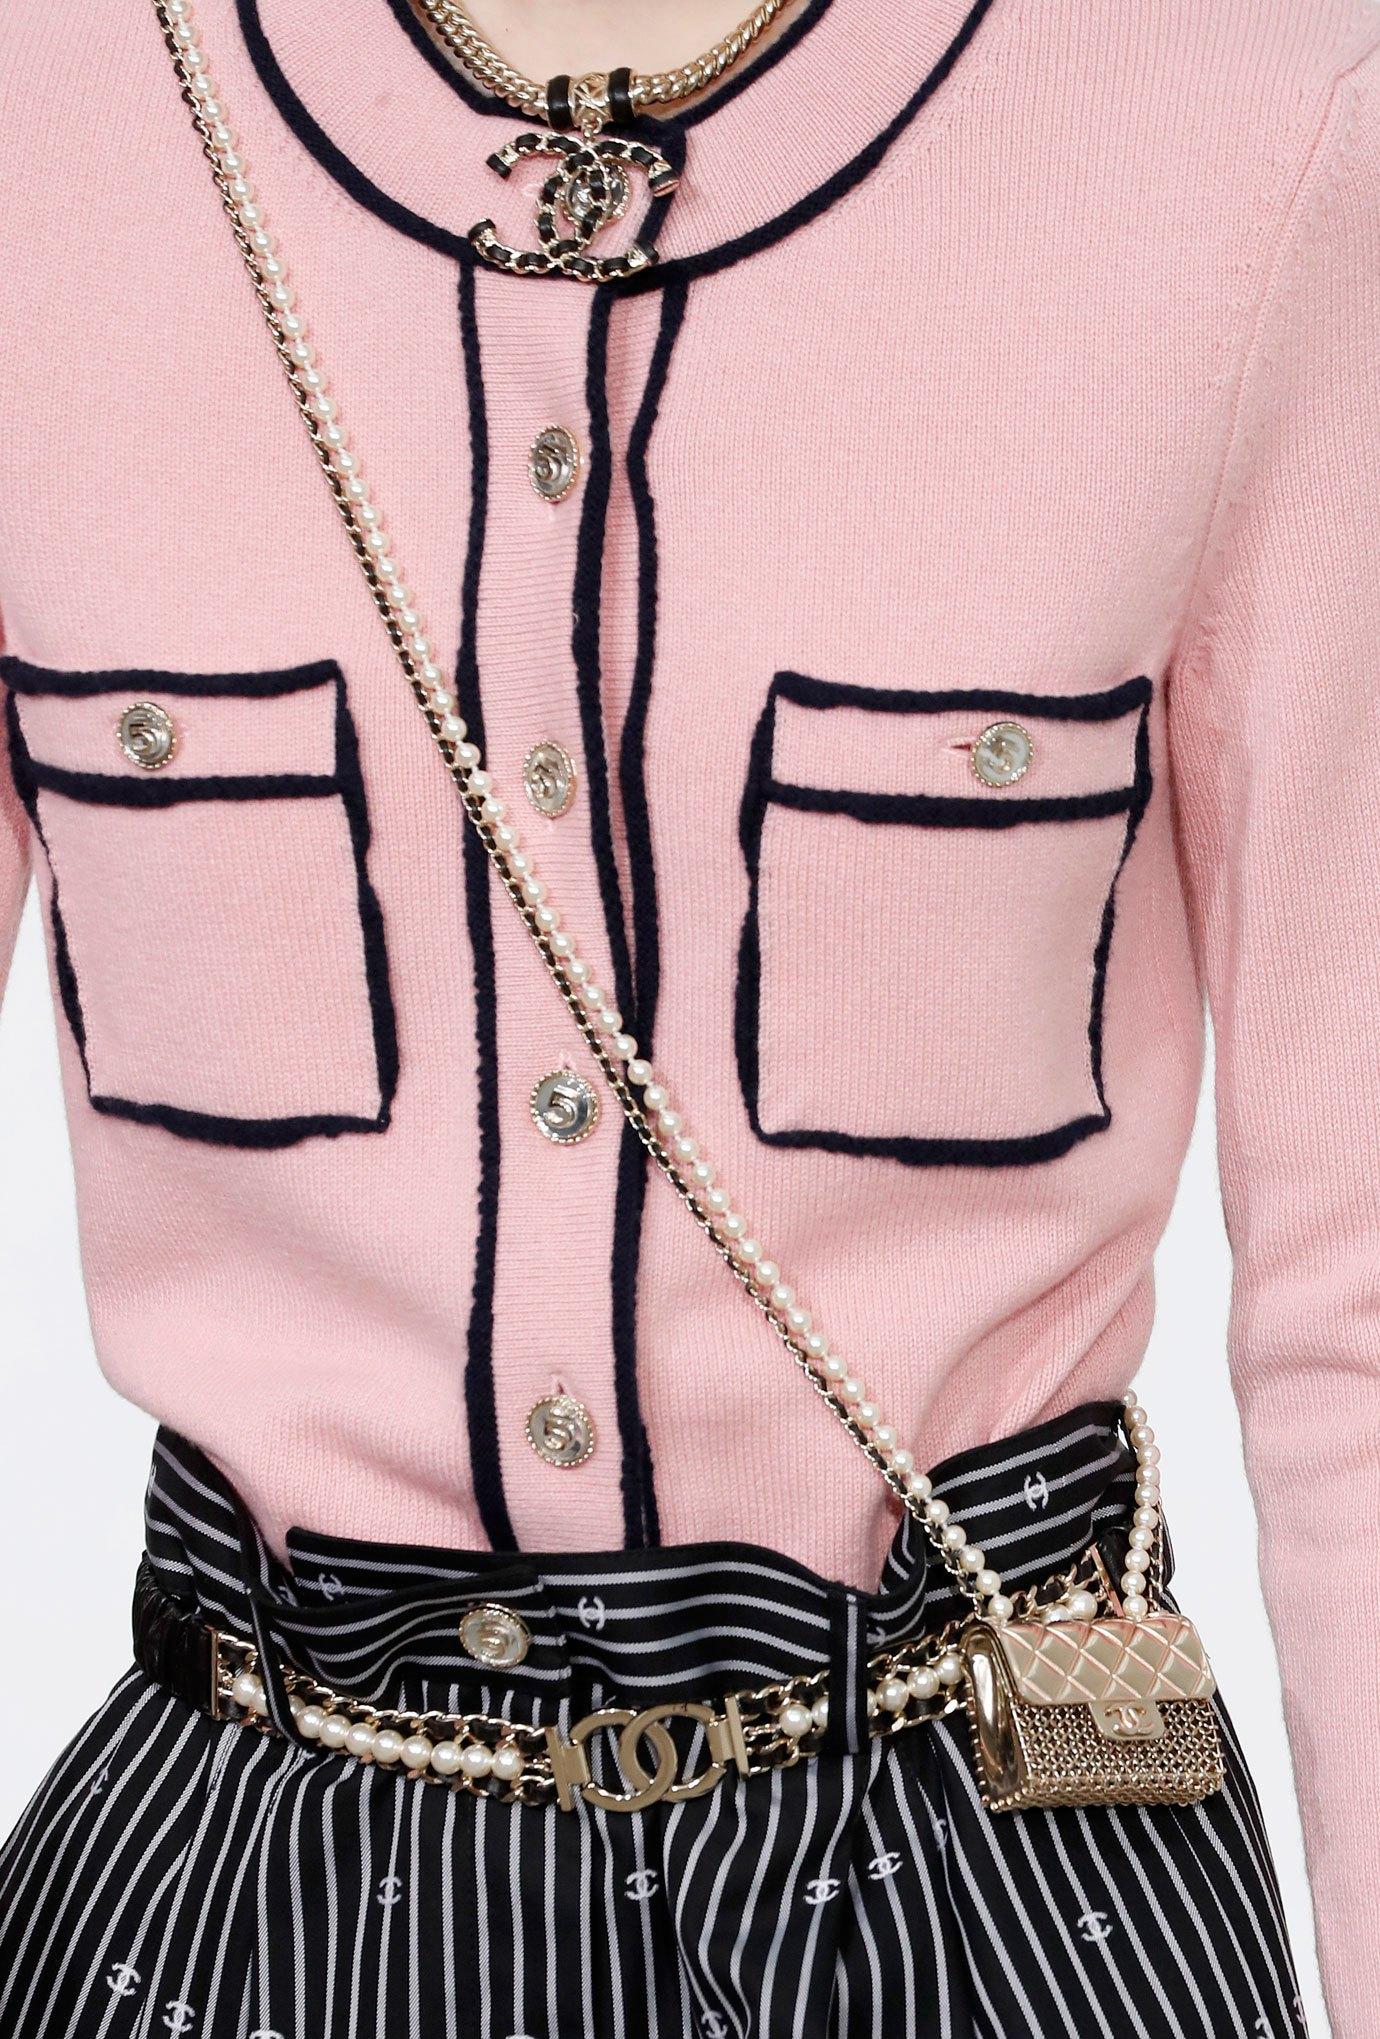 Chanel metal bag